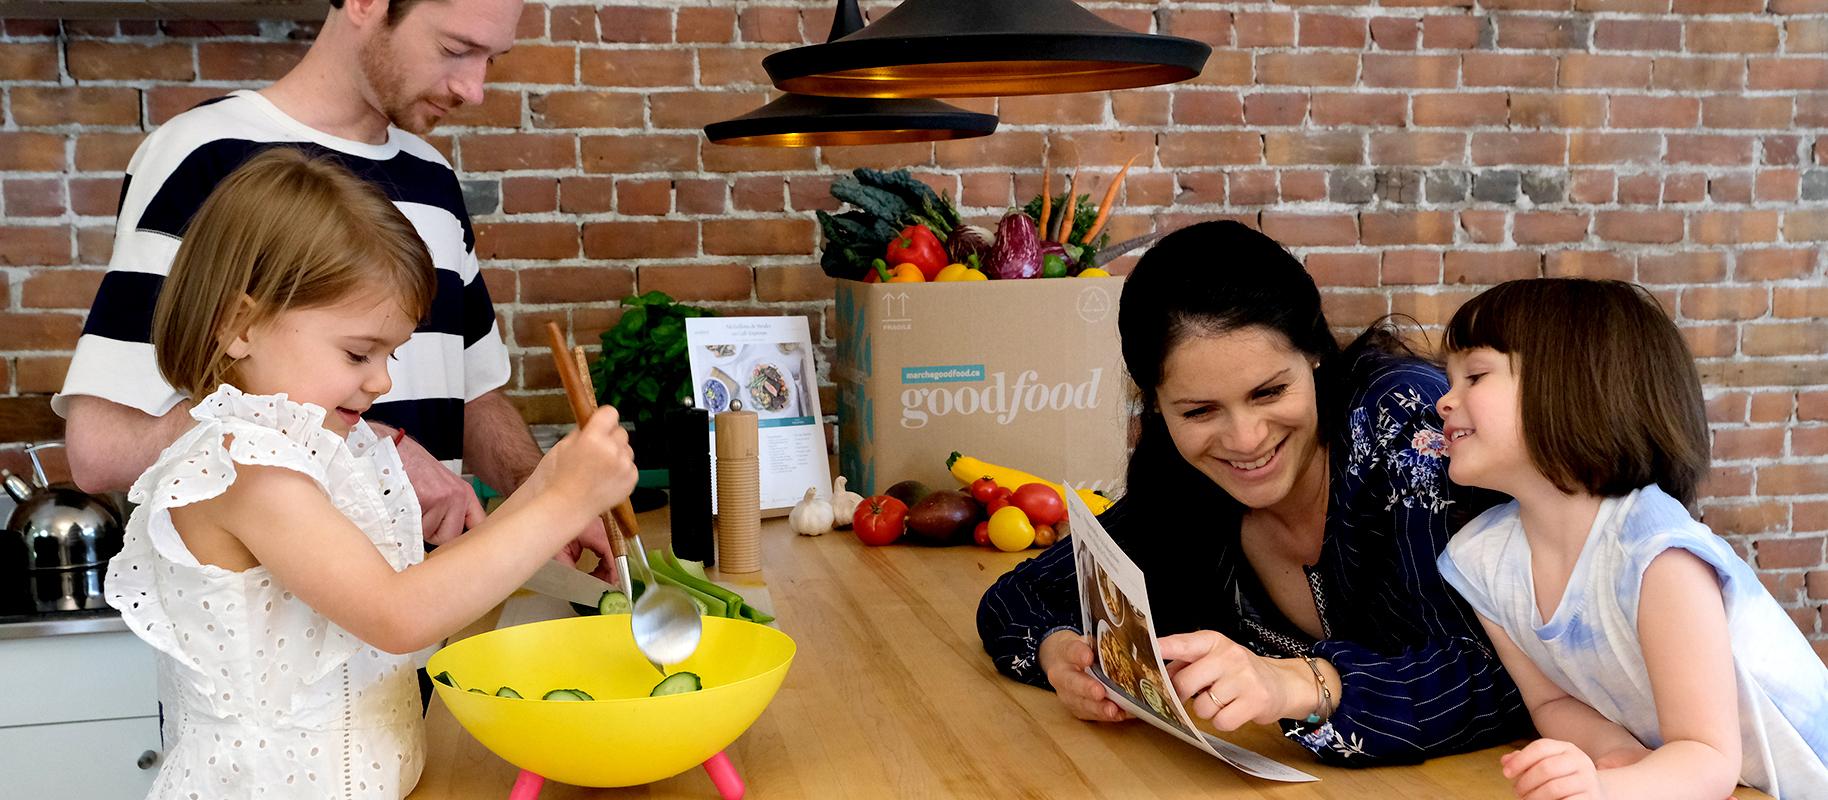 Cuisiner Avec Les Enfants: S'Amuser En Famille Avec Nos dedans Cuisiner Avec Des Enfants